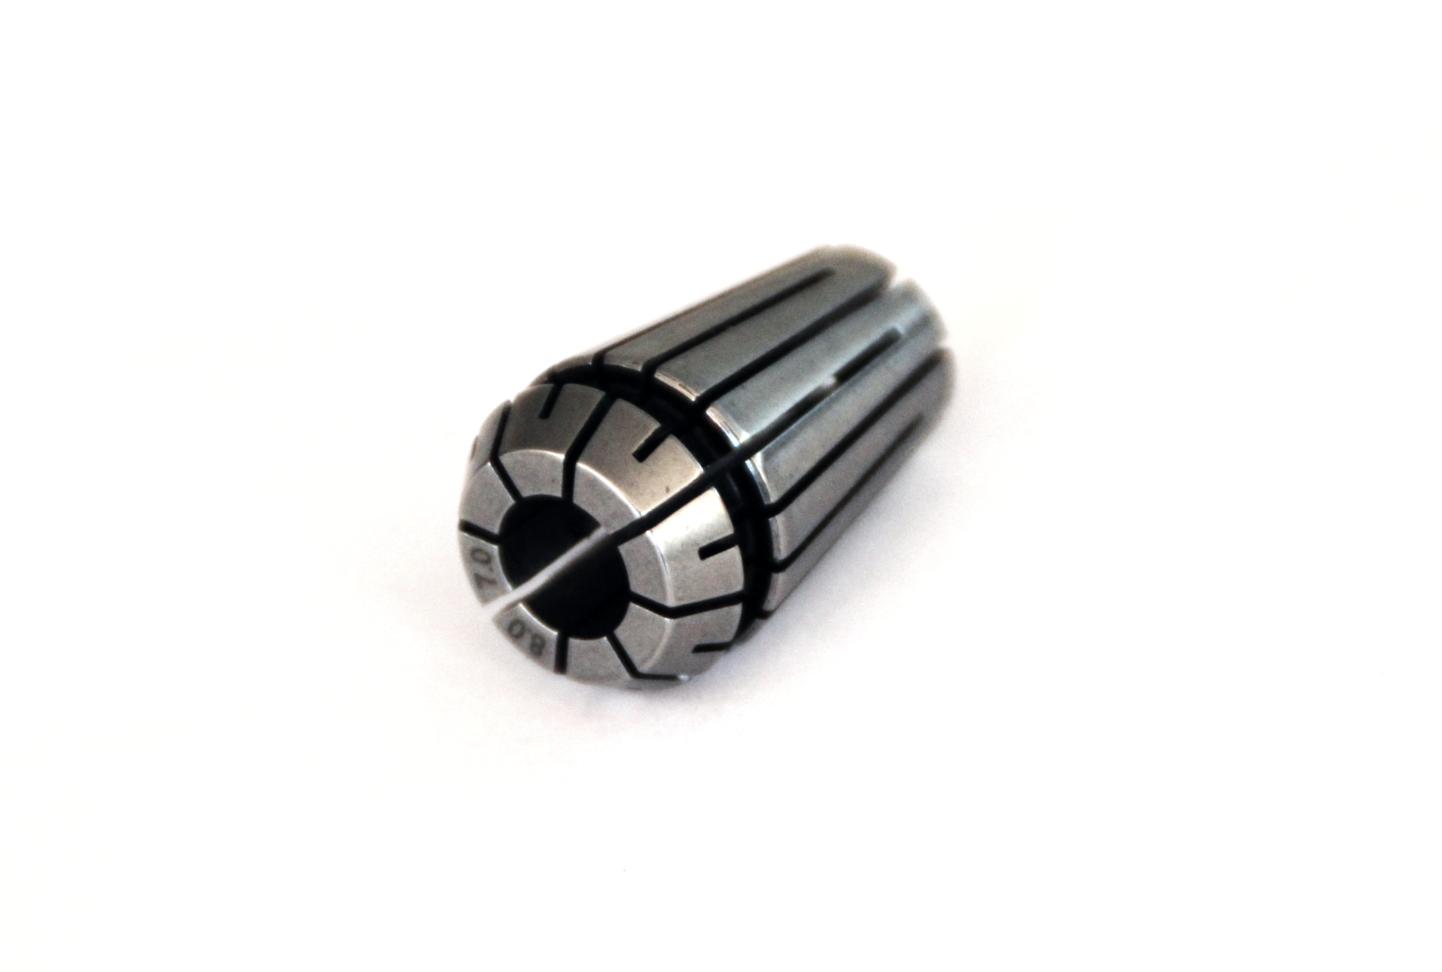 Spannzange ER25 430E DIN 6499 ISO 15488 B - versch. Durchmesser (A/B)